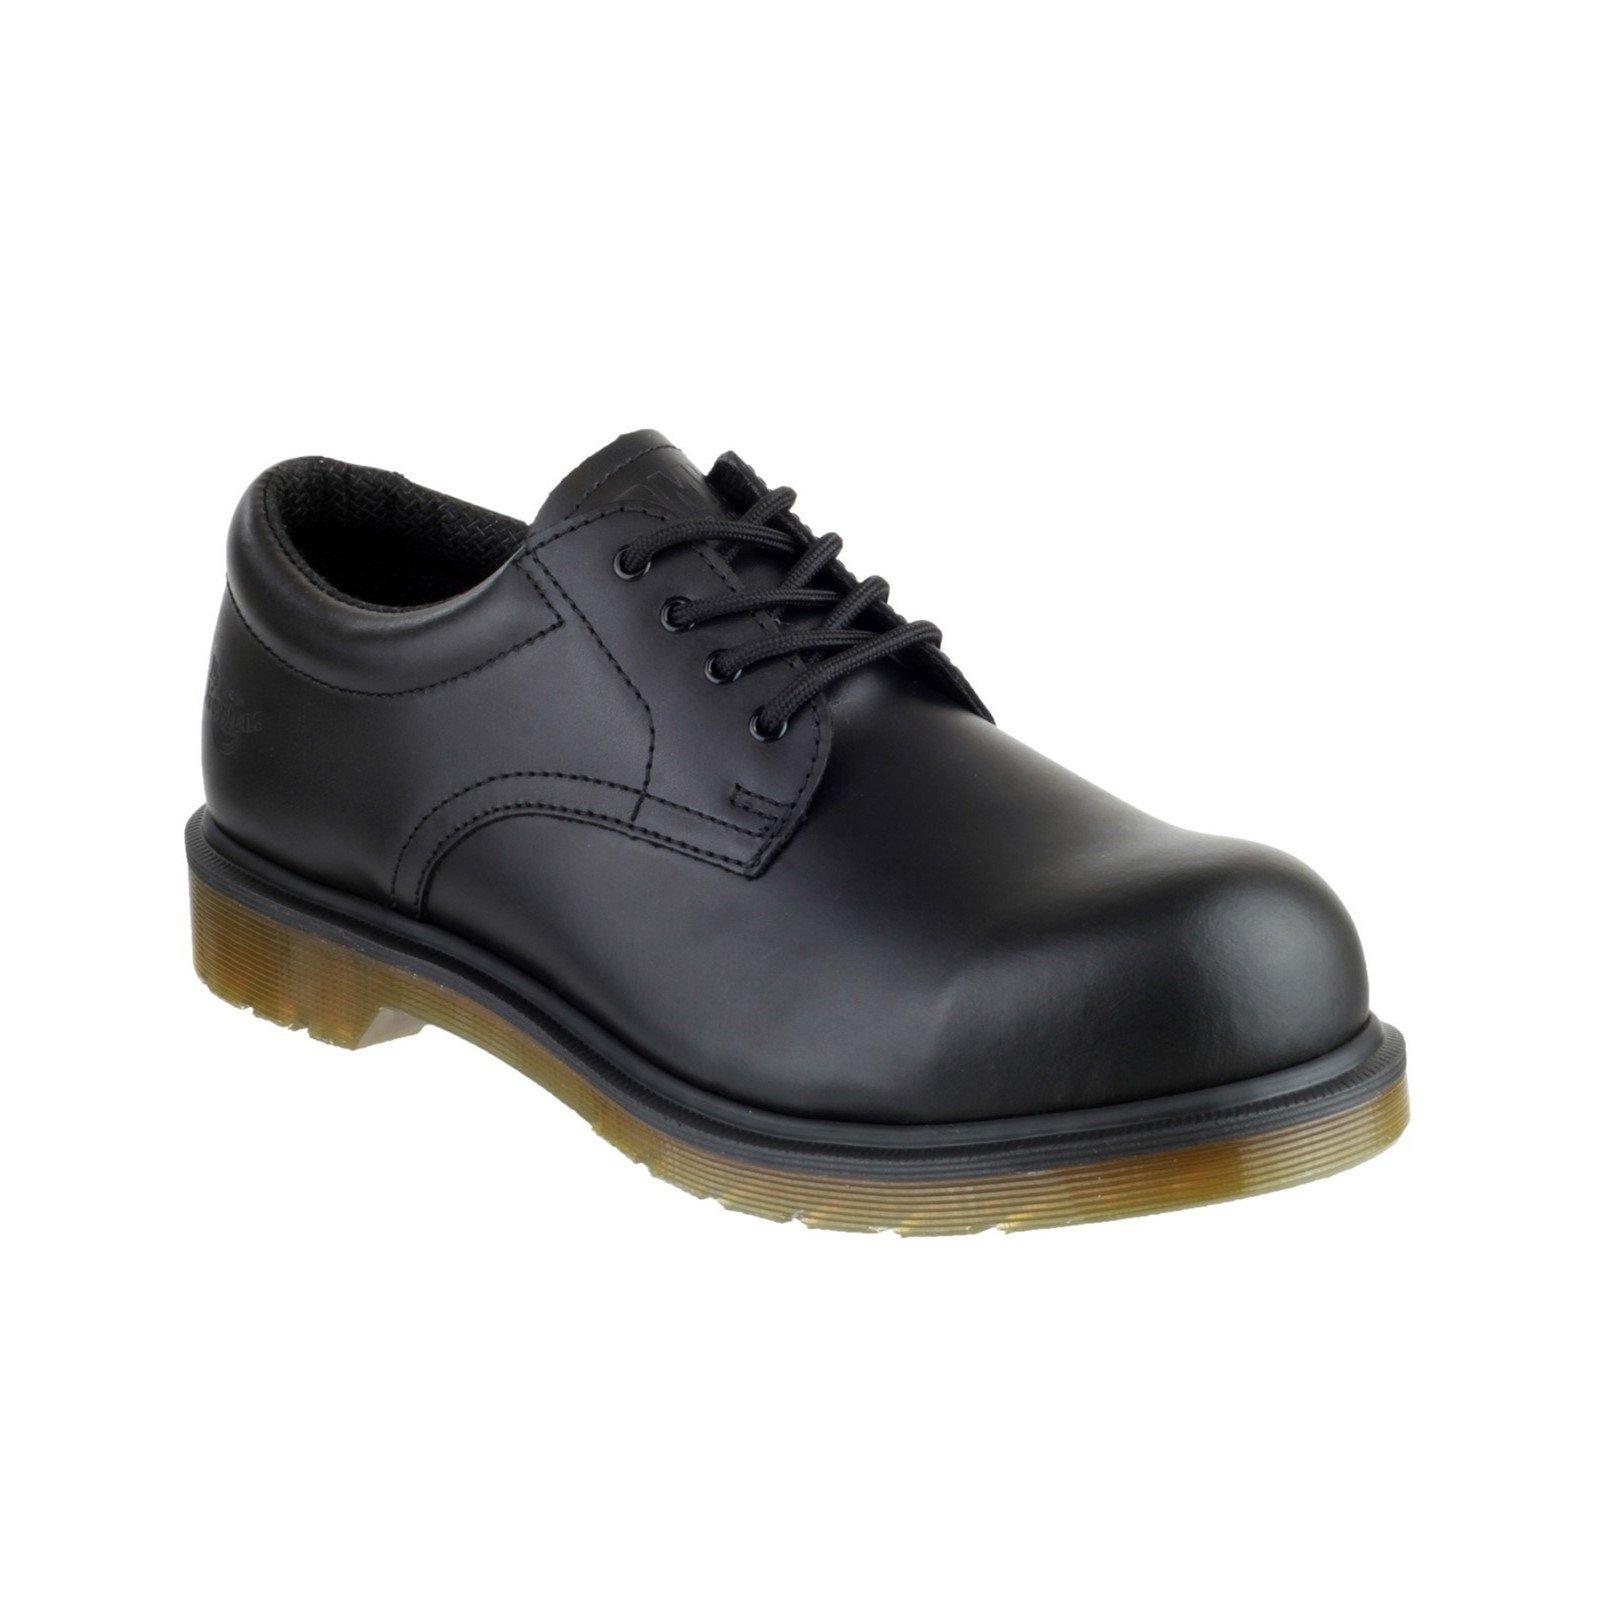 Dr Martens Unisex Icon Lace up Derby Shoe Black 00588 - Black 8